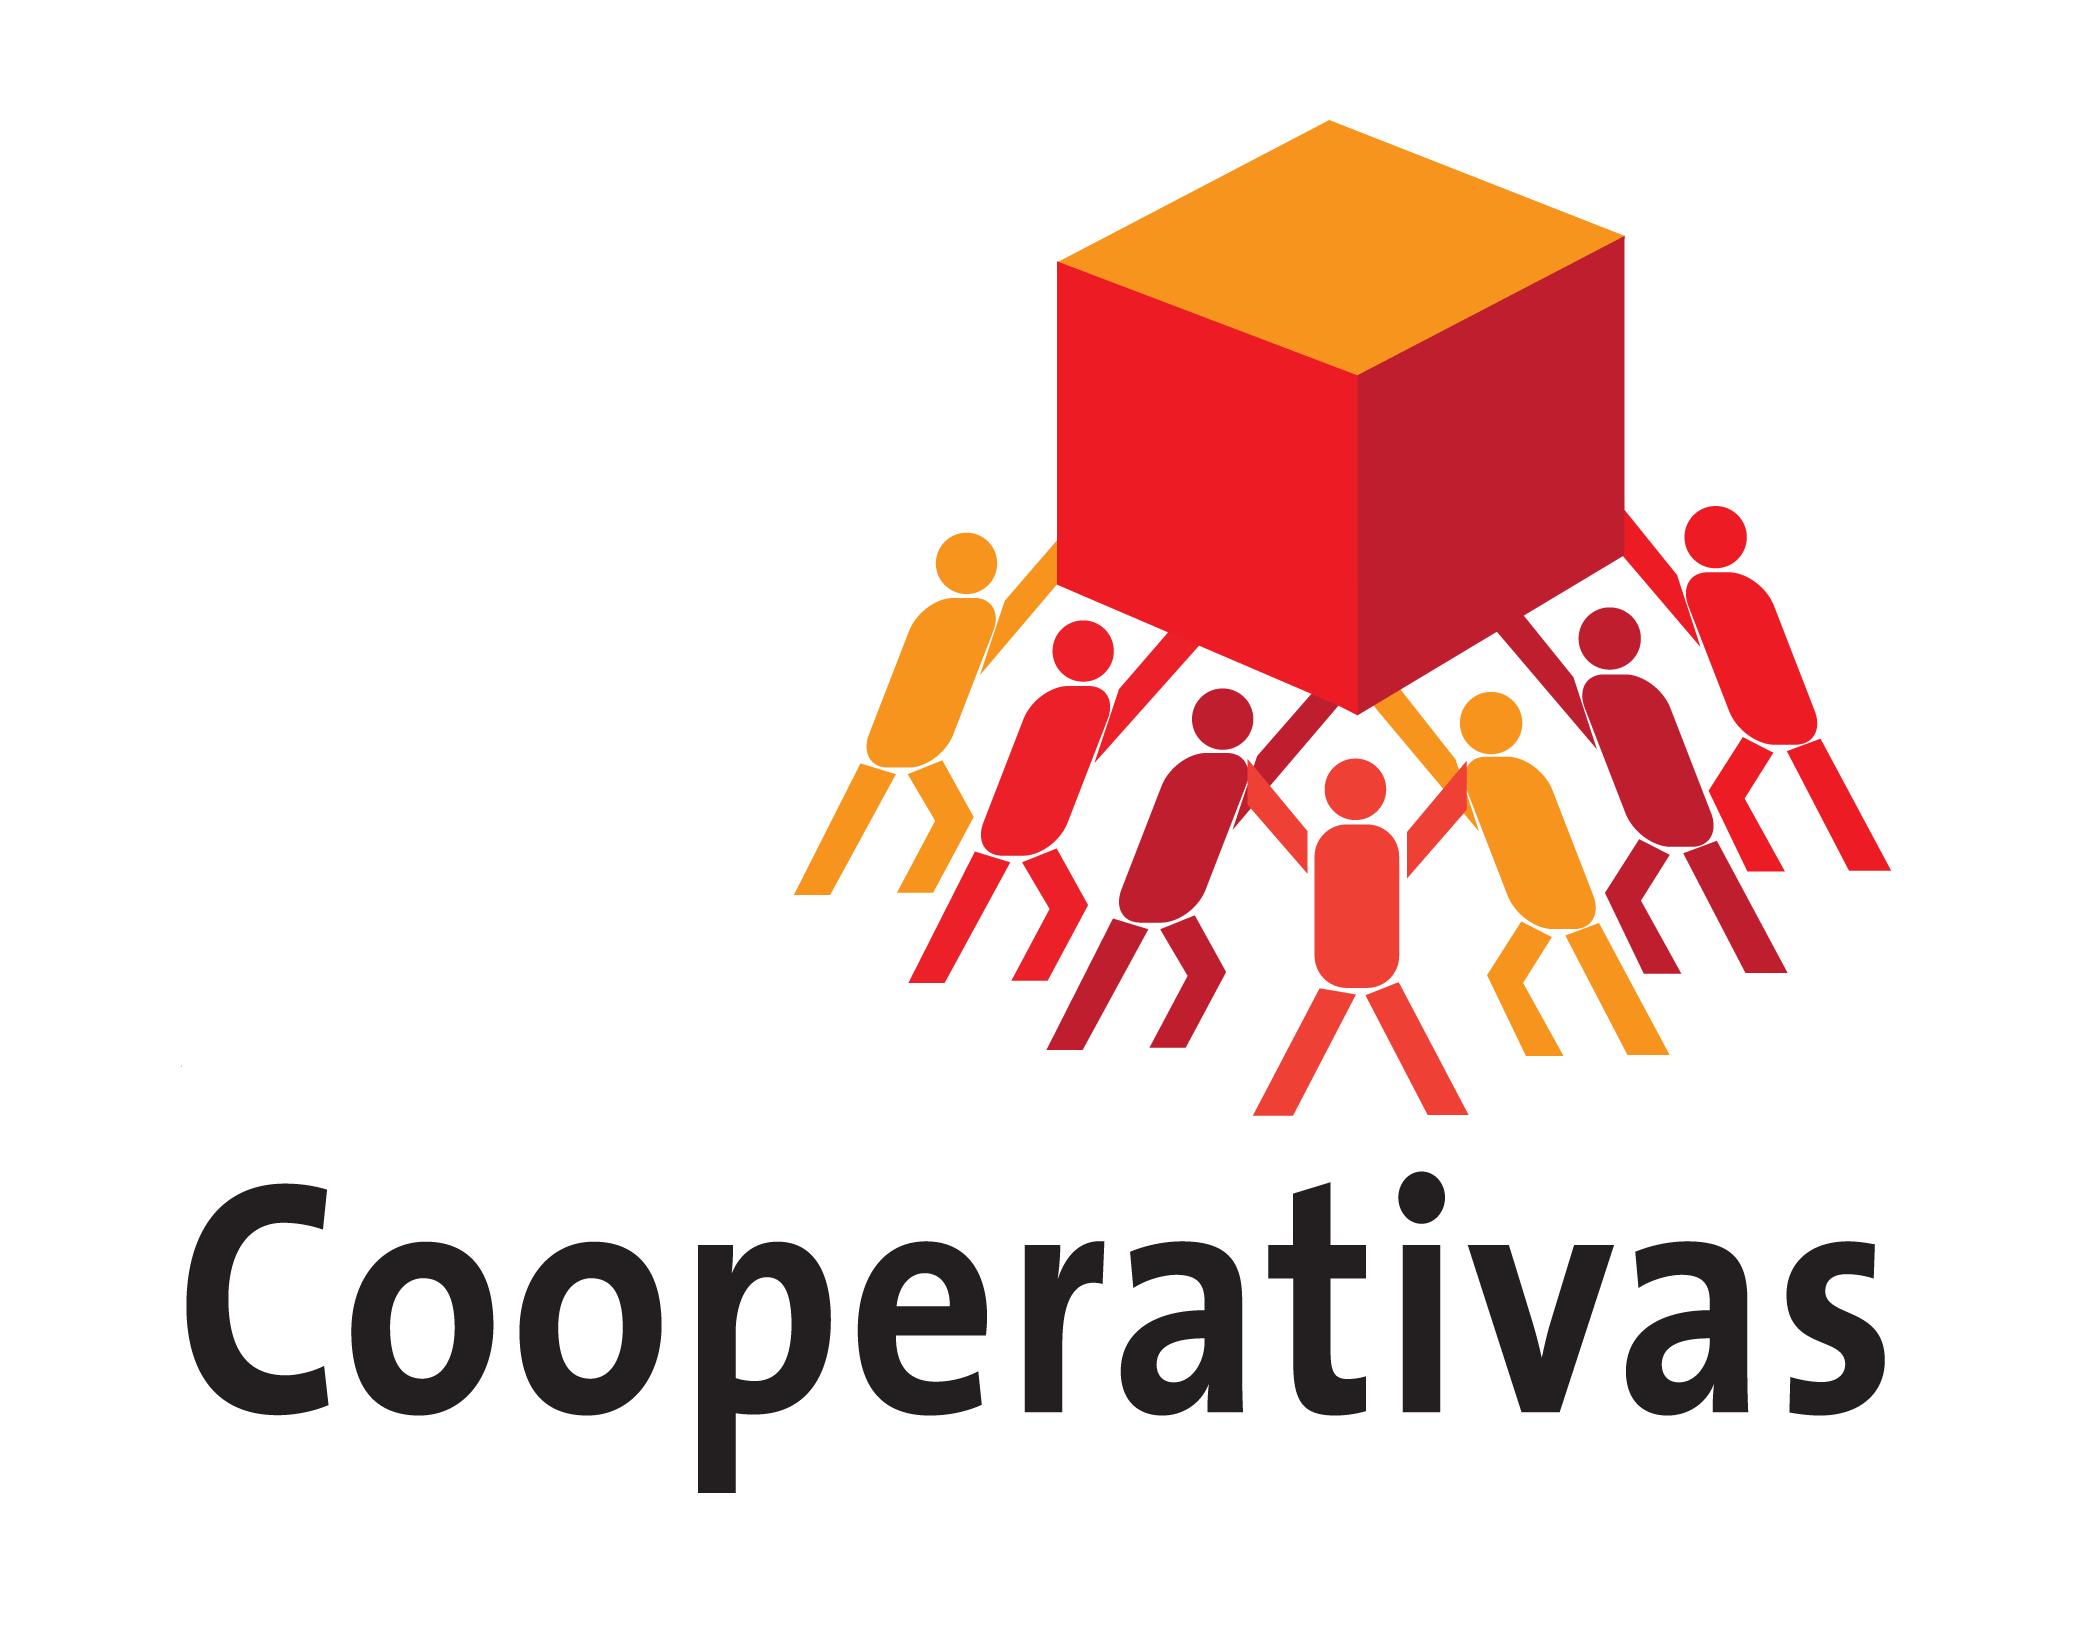 #Responsabilidad de los socios de las cooperativas